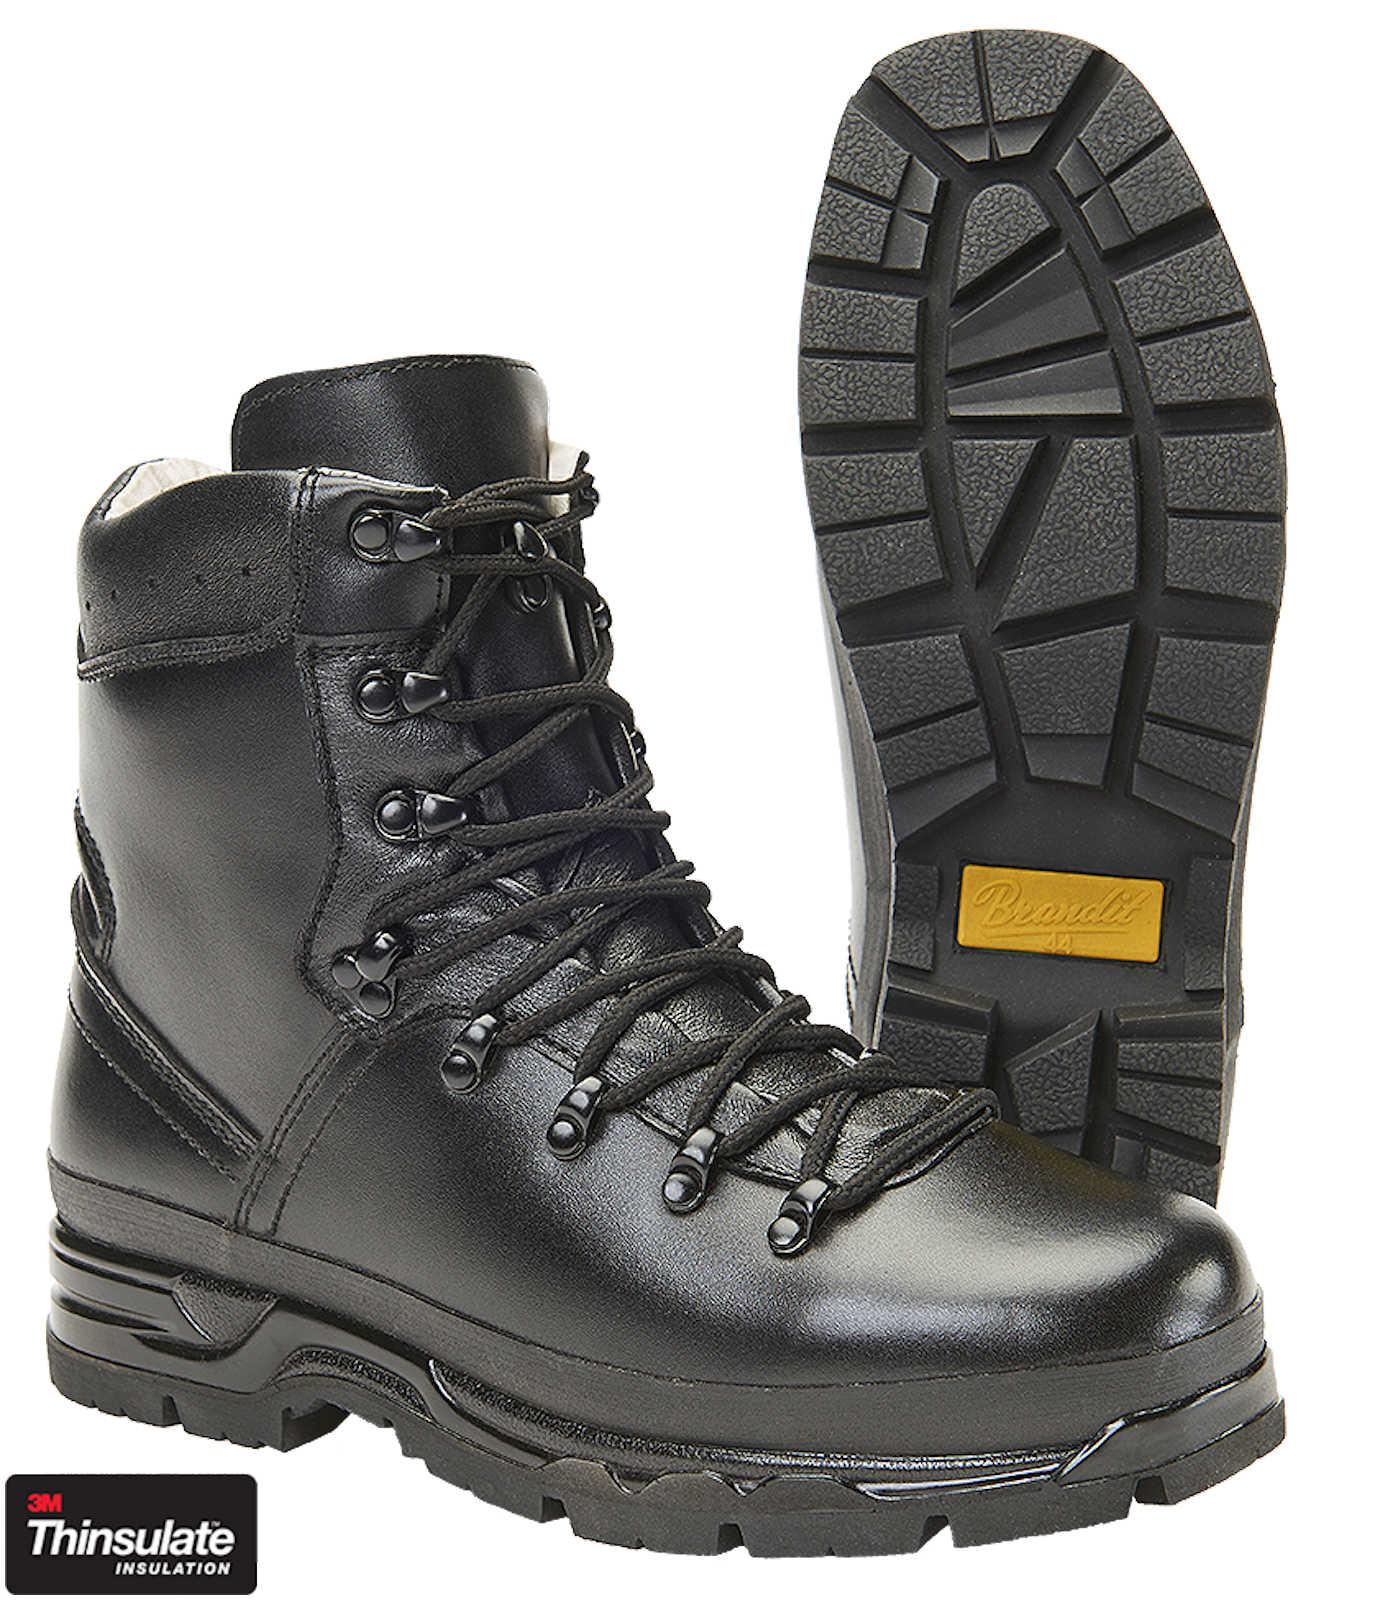 Brandit Herren Herren Brandit BW Bergschuh 9038 Stiefel Leder Wandern Taktische Outdoor Schuhe 2010f0